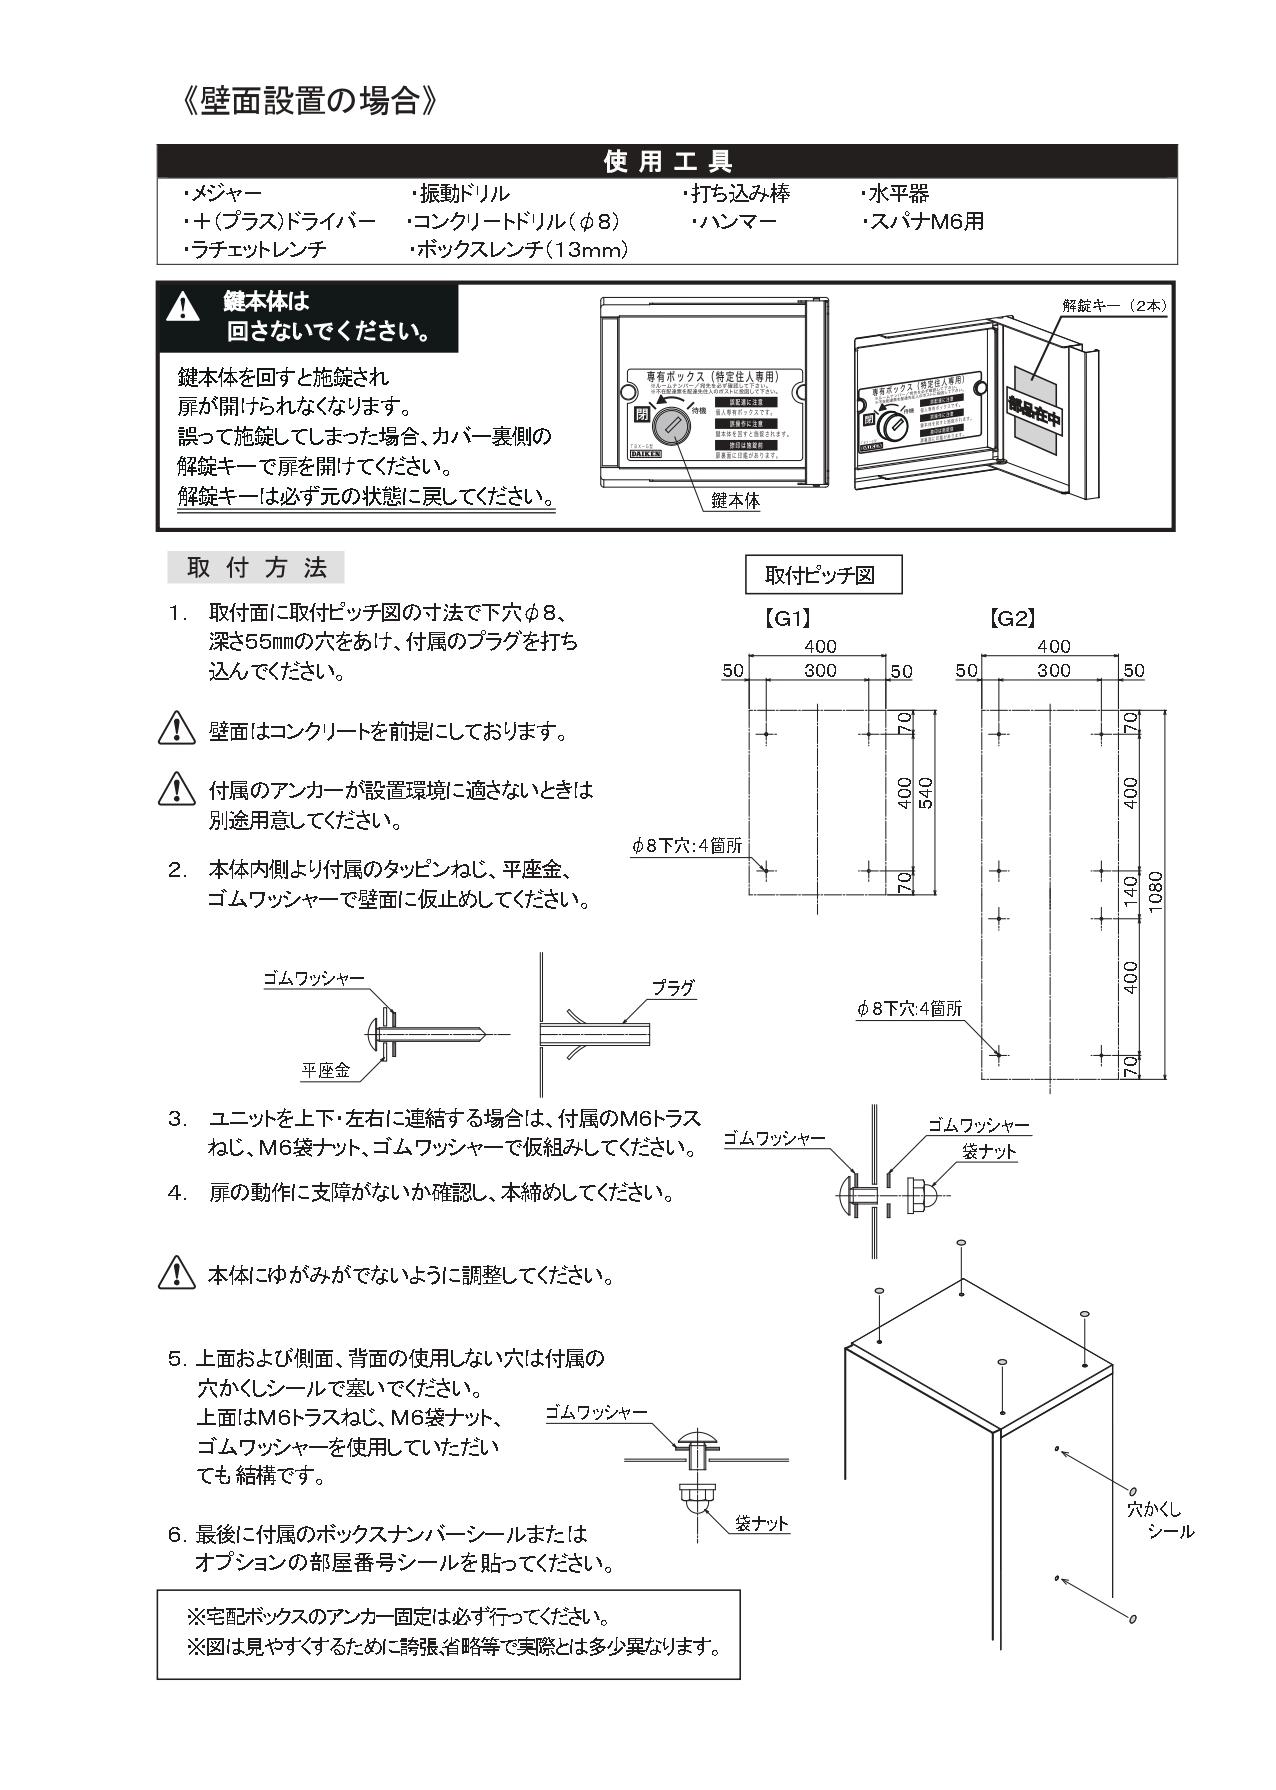 宅配ボックスTBX-G 施工説明書_page-0004